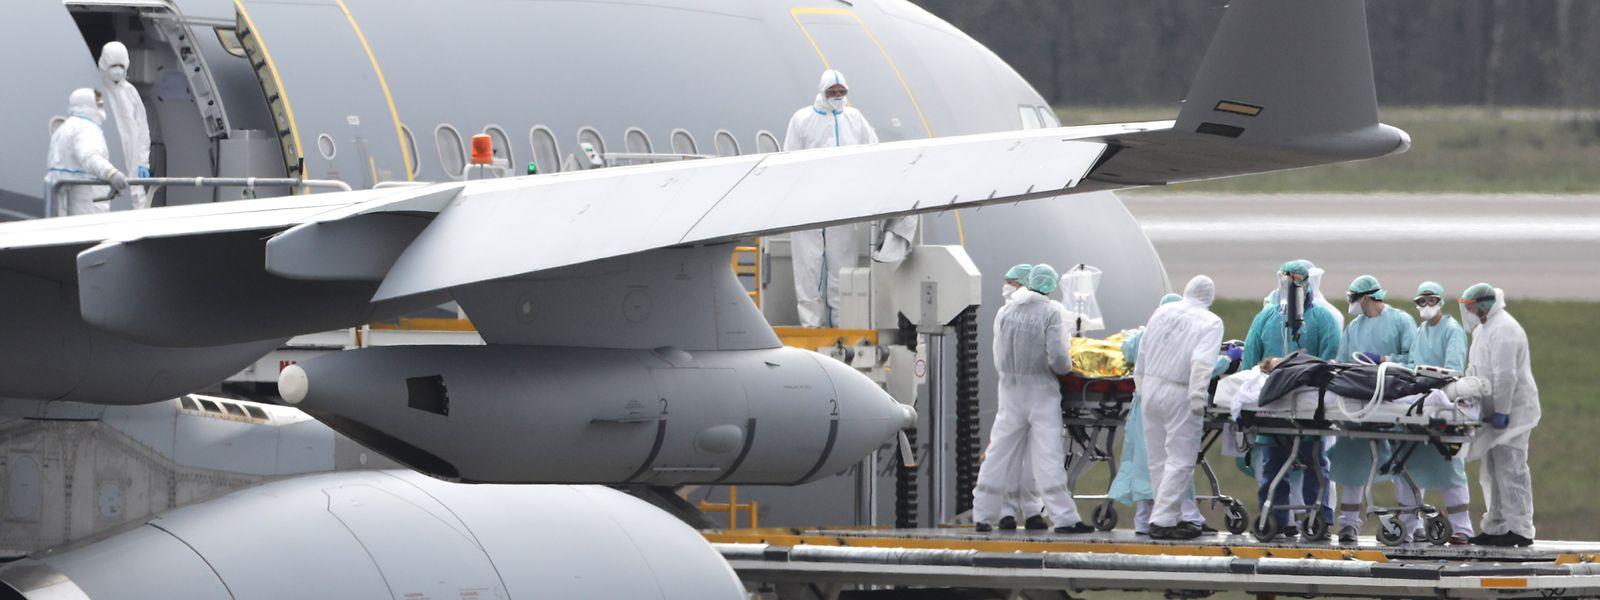 Six patients ont été transférés vers l'aéroport de Toulouse via cet appareil entièrement médicalisé.